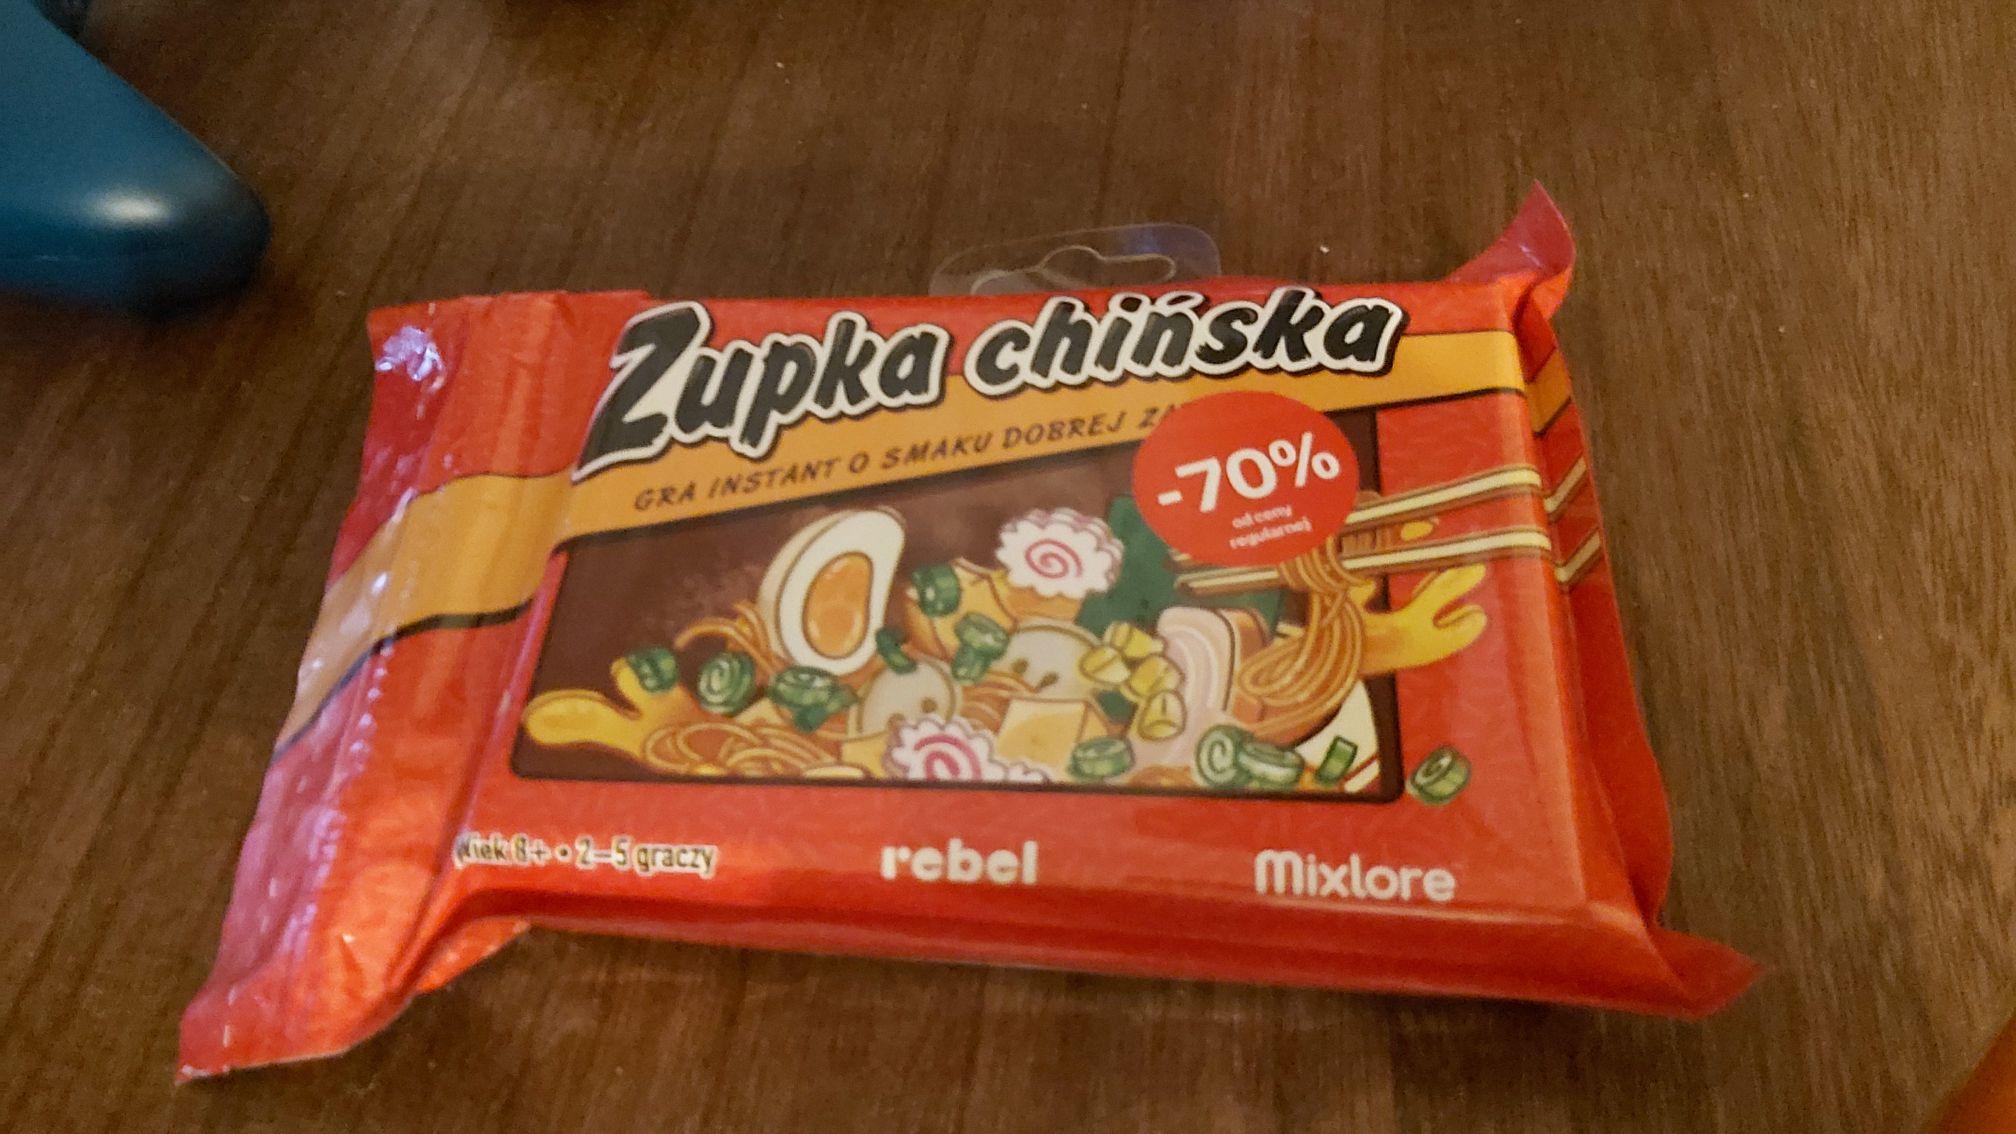 Zupka chińska - gra karciana na przecenie w Empiku